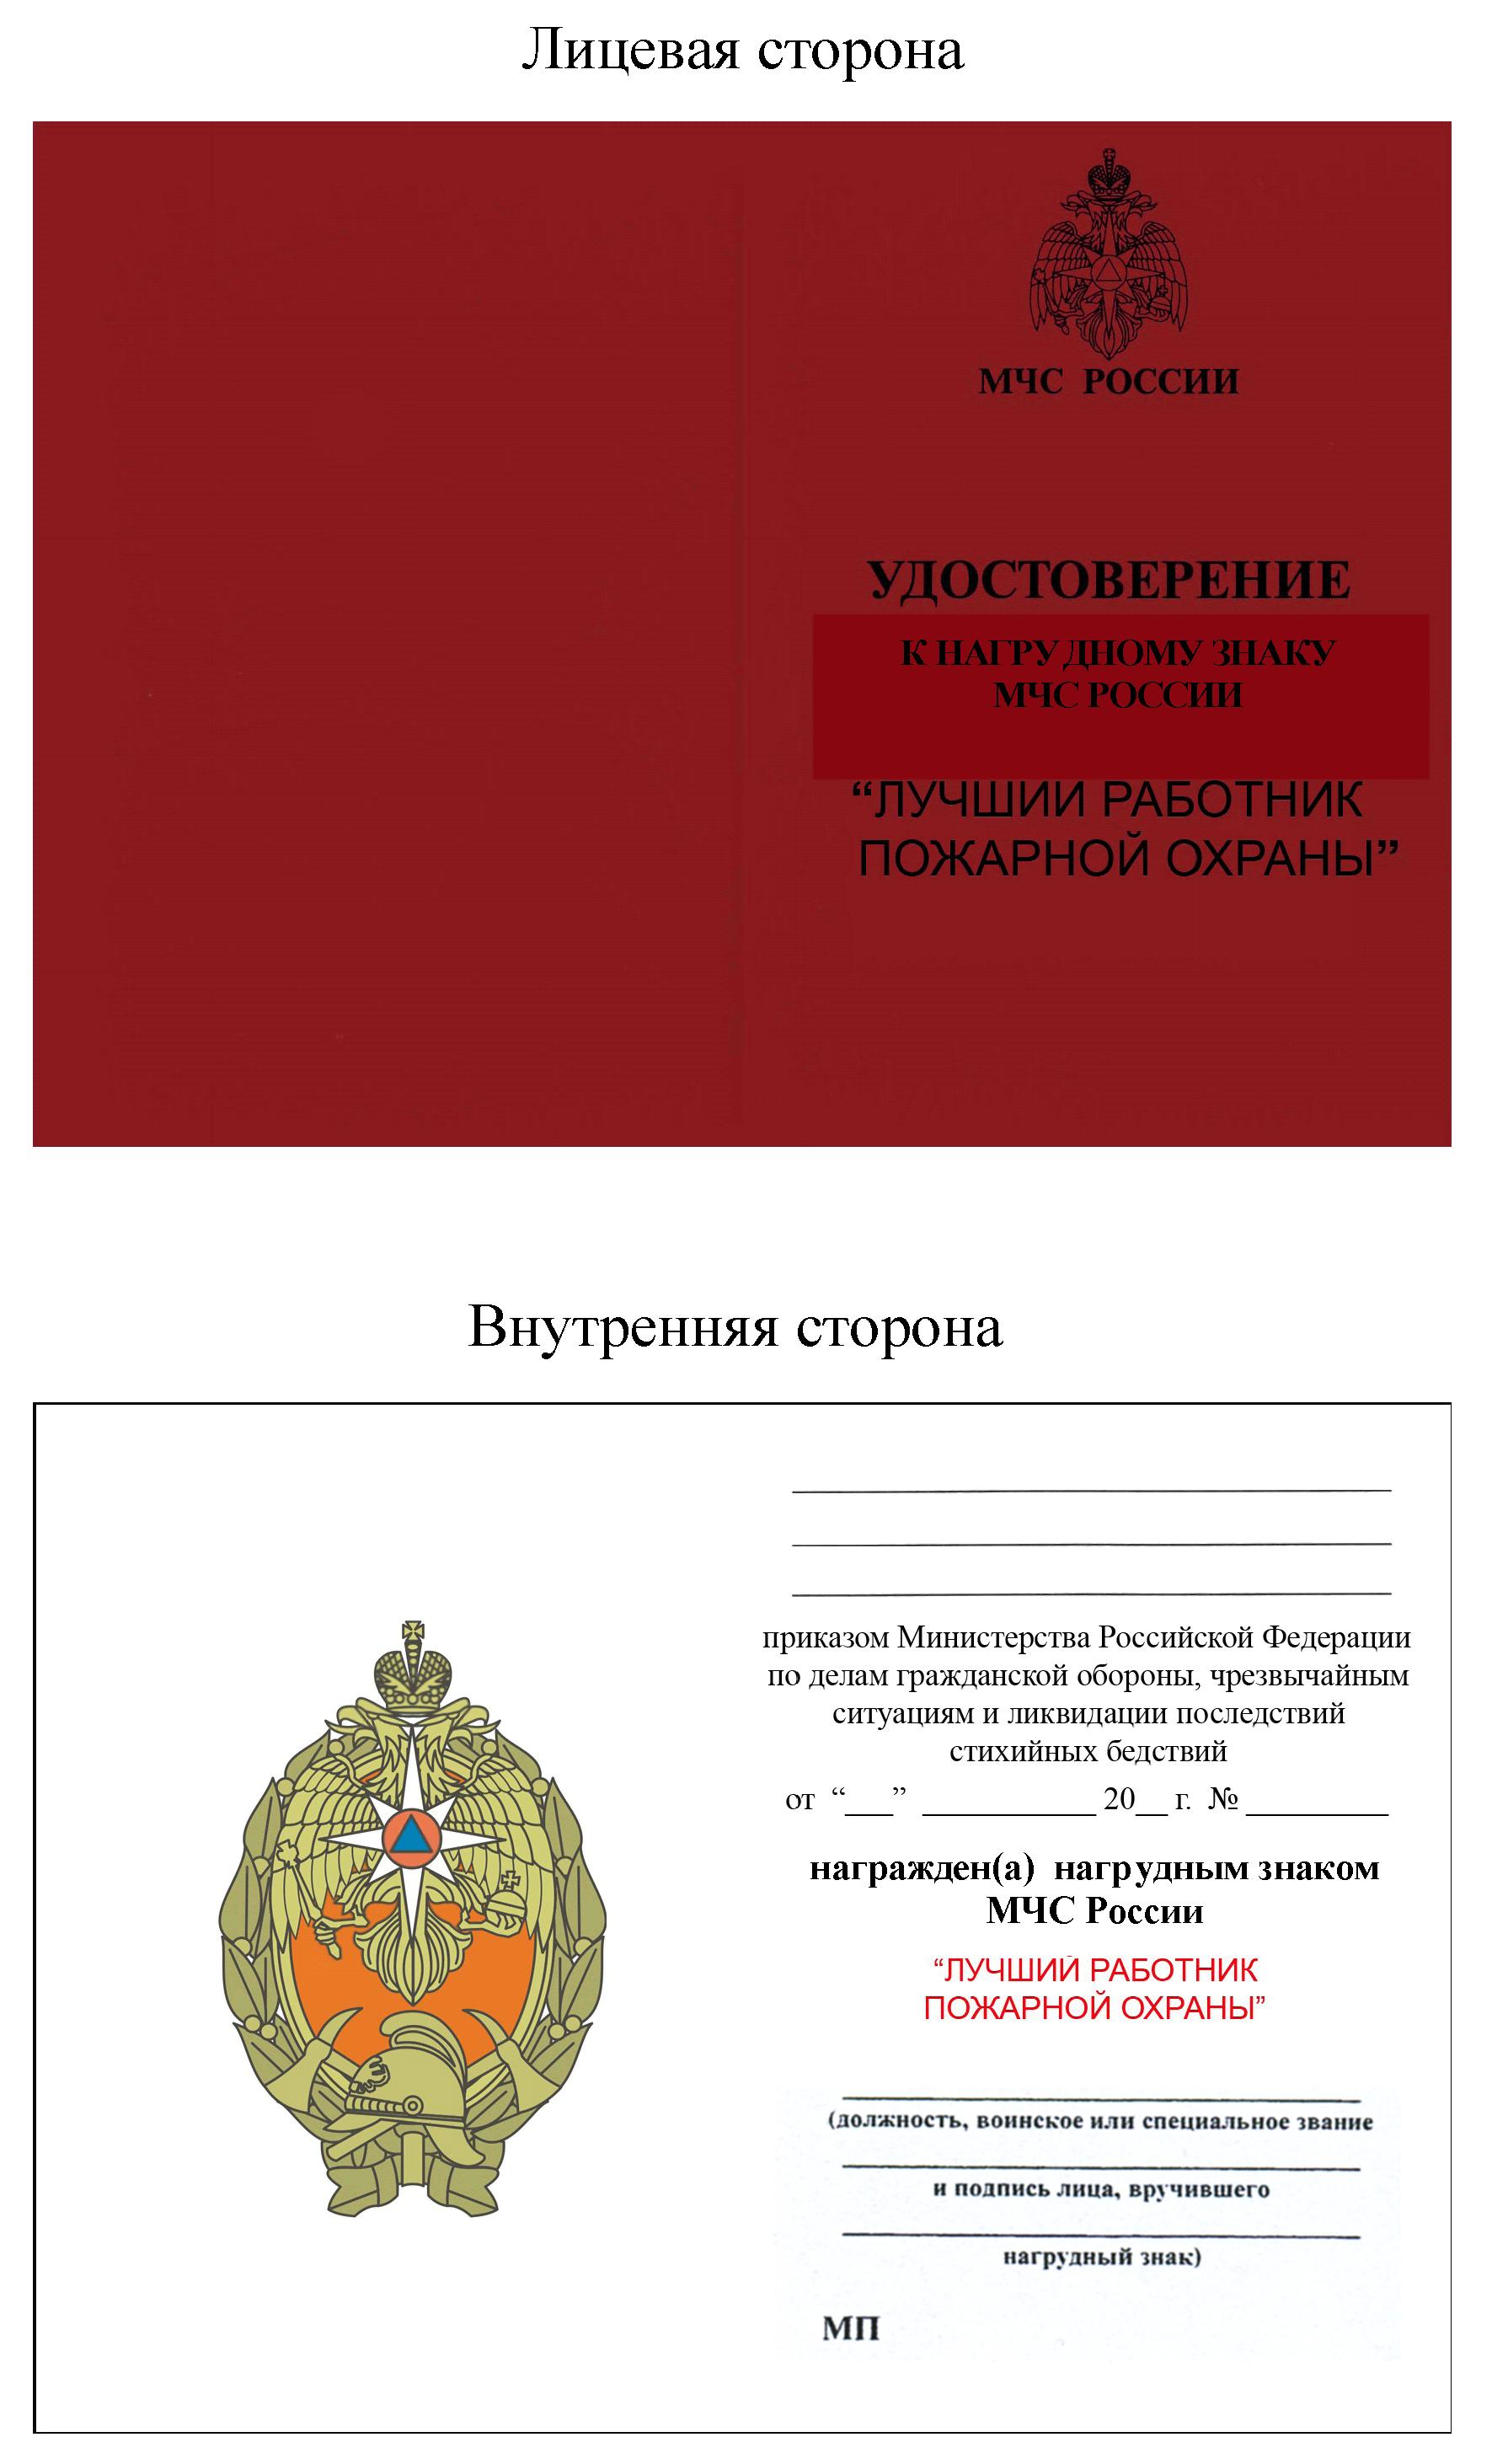 ПРИЛОЖЕНИЕ 3 К ПОЛОЖЕНИЮ 25, УТВ. ПРИКАЗОМ МЧС РФ ОТ 06.12.2010 N 620